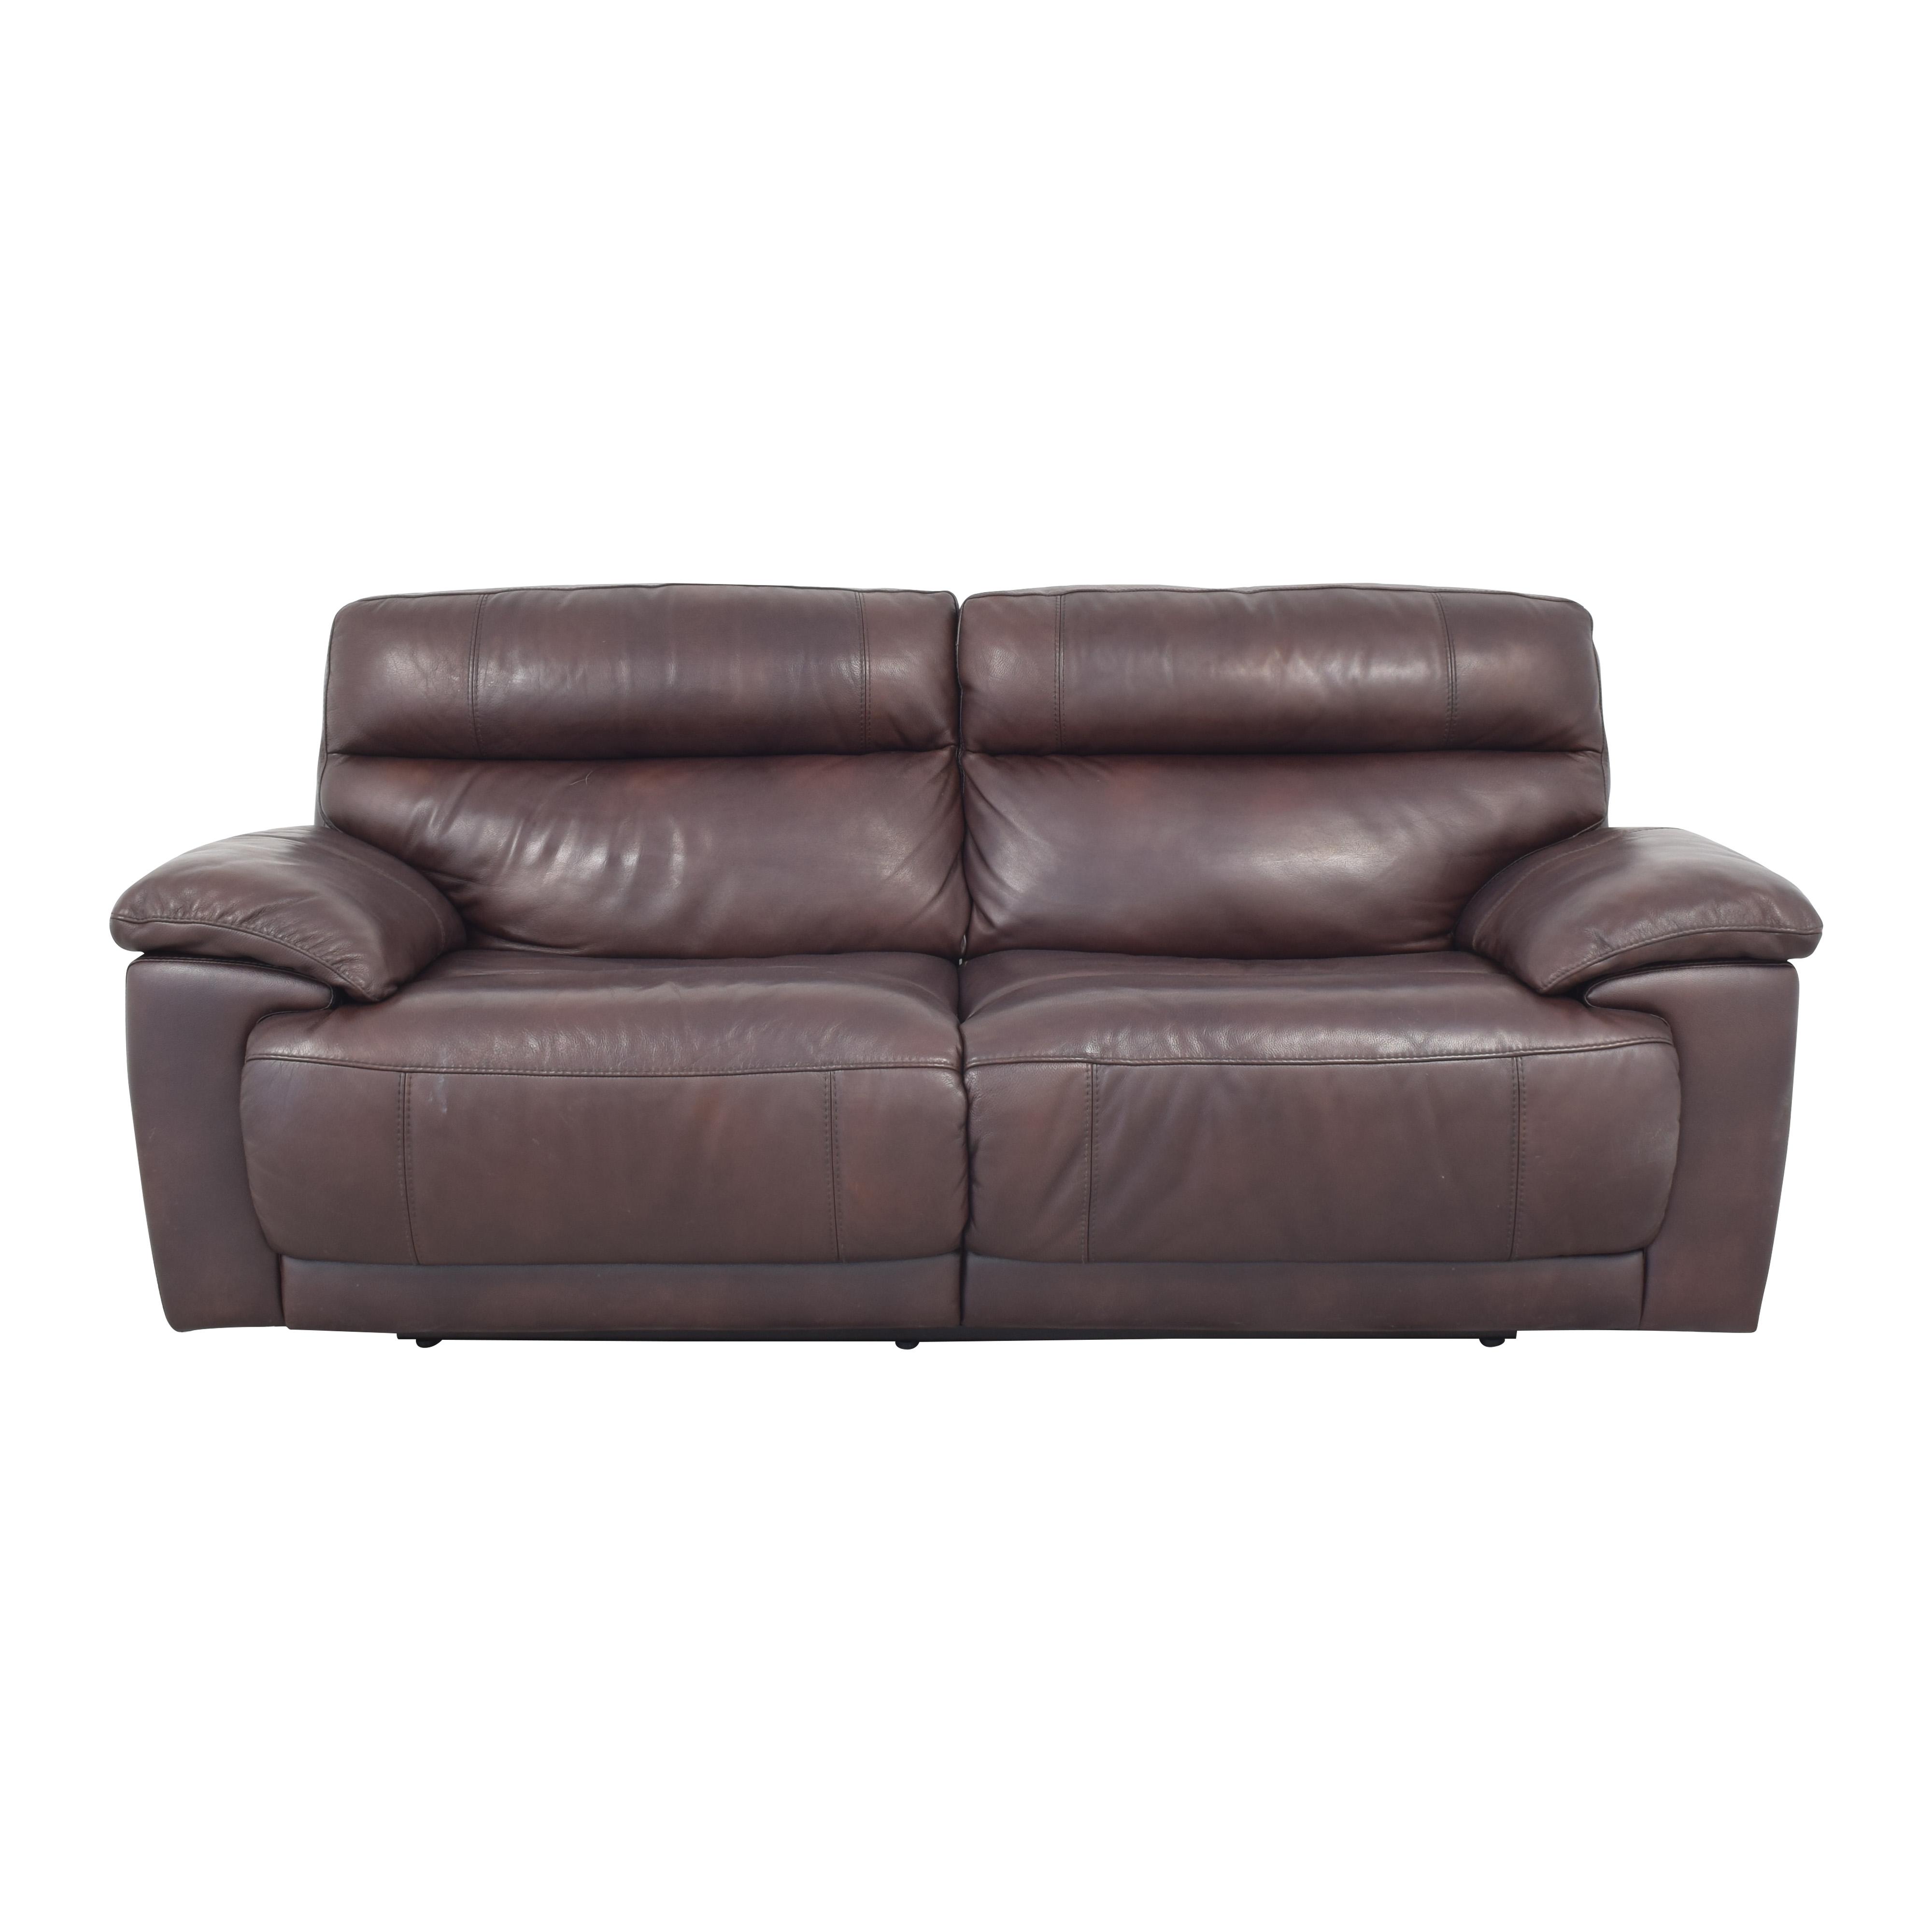 buy Raymour & Flanigan Reclining Sofa Raymour & Flanigan Classic Sofas